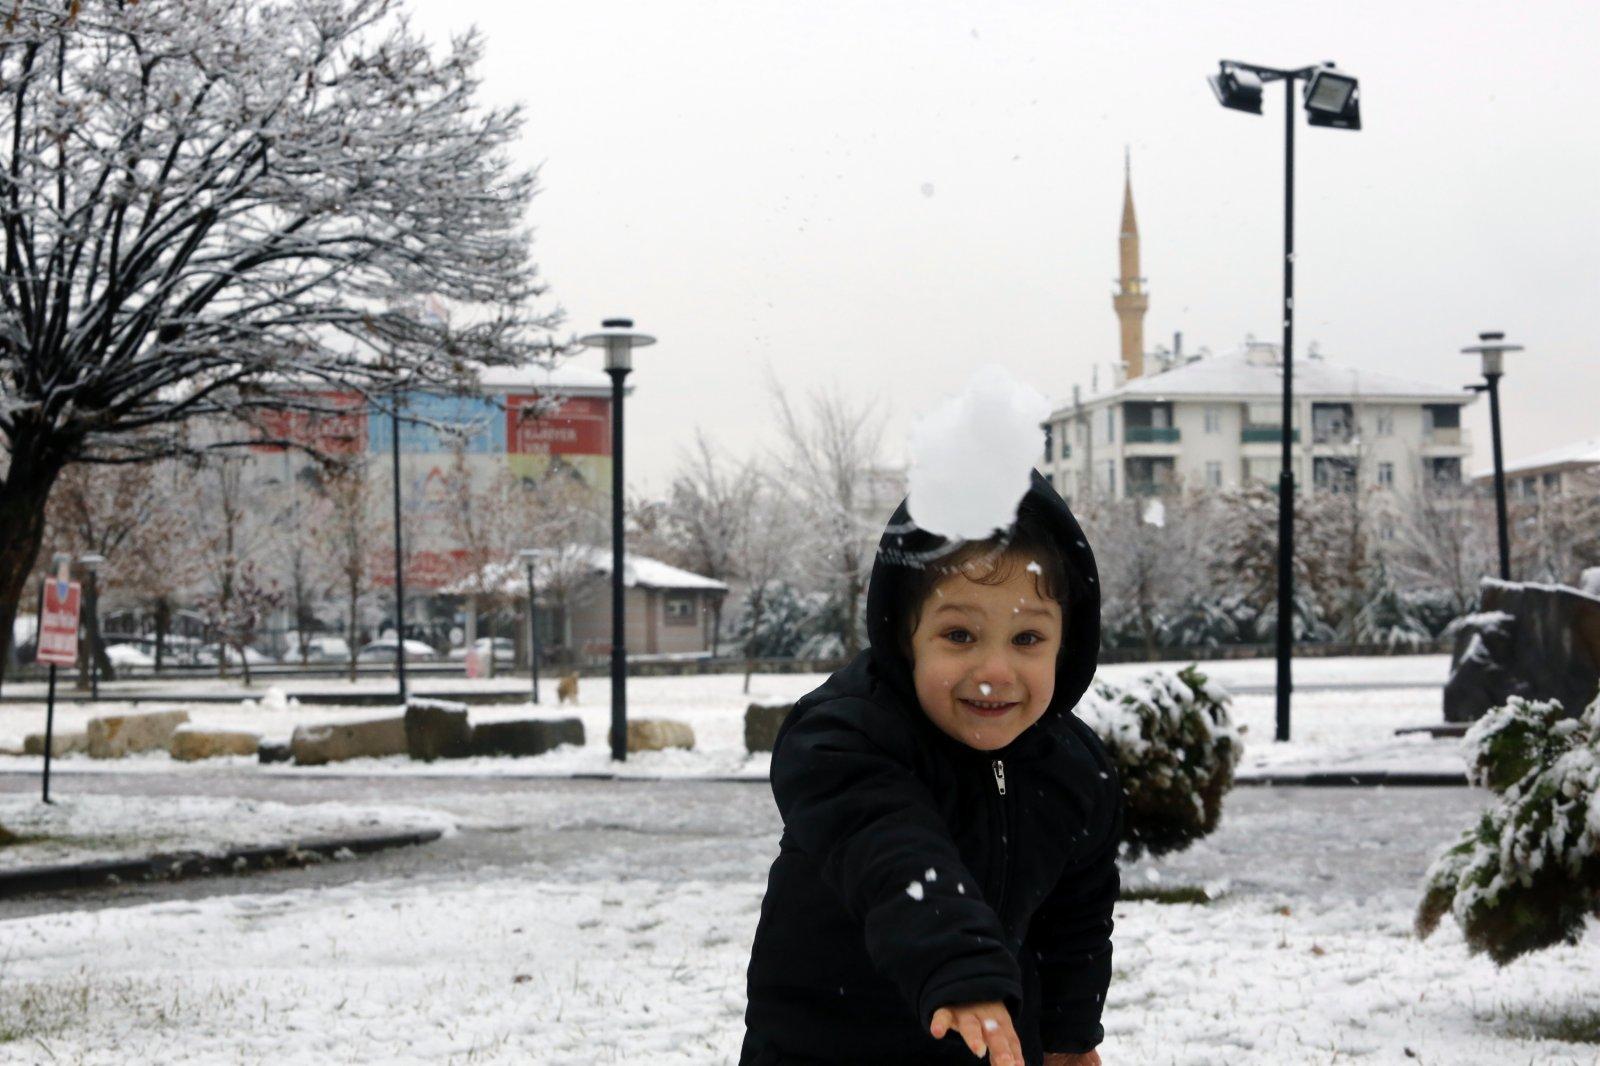 1月13日,在土耳其安卡拉,一名小女孩在路邊玩雪。(新華社)